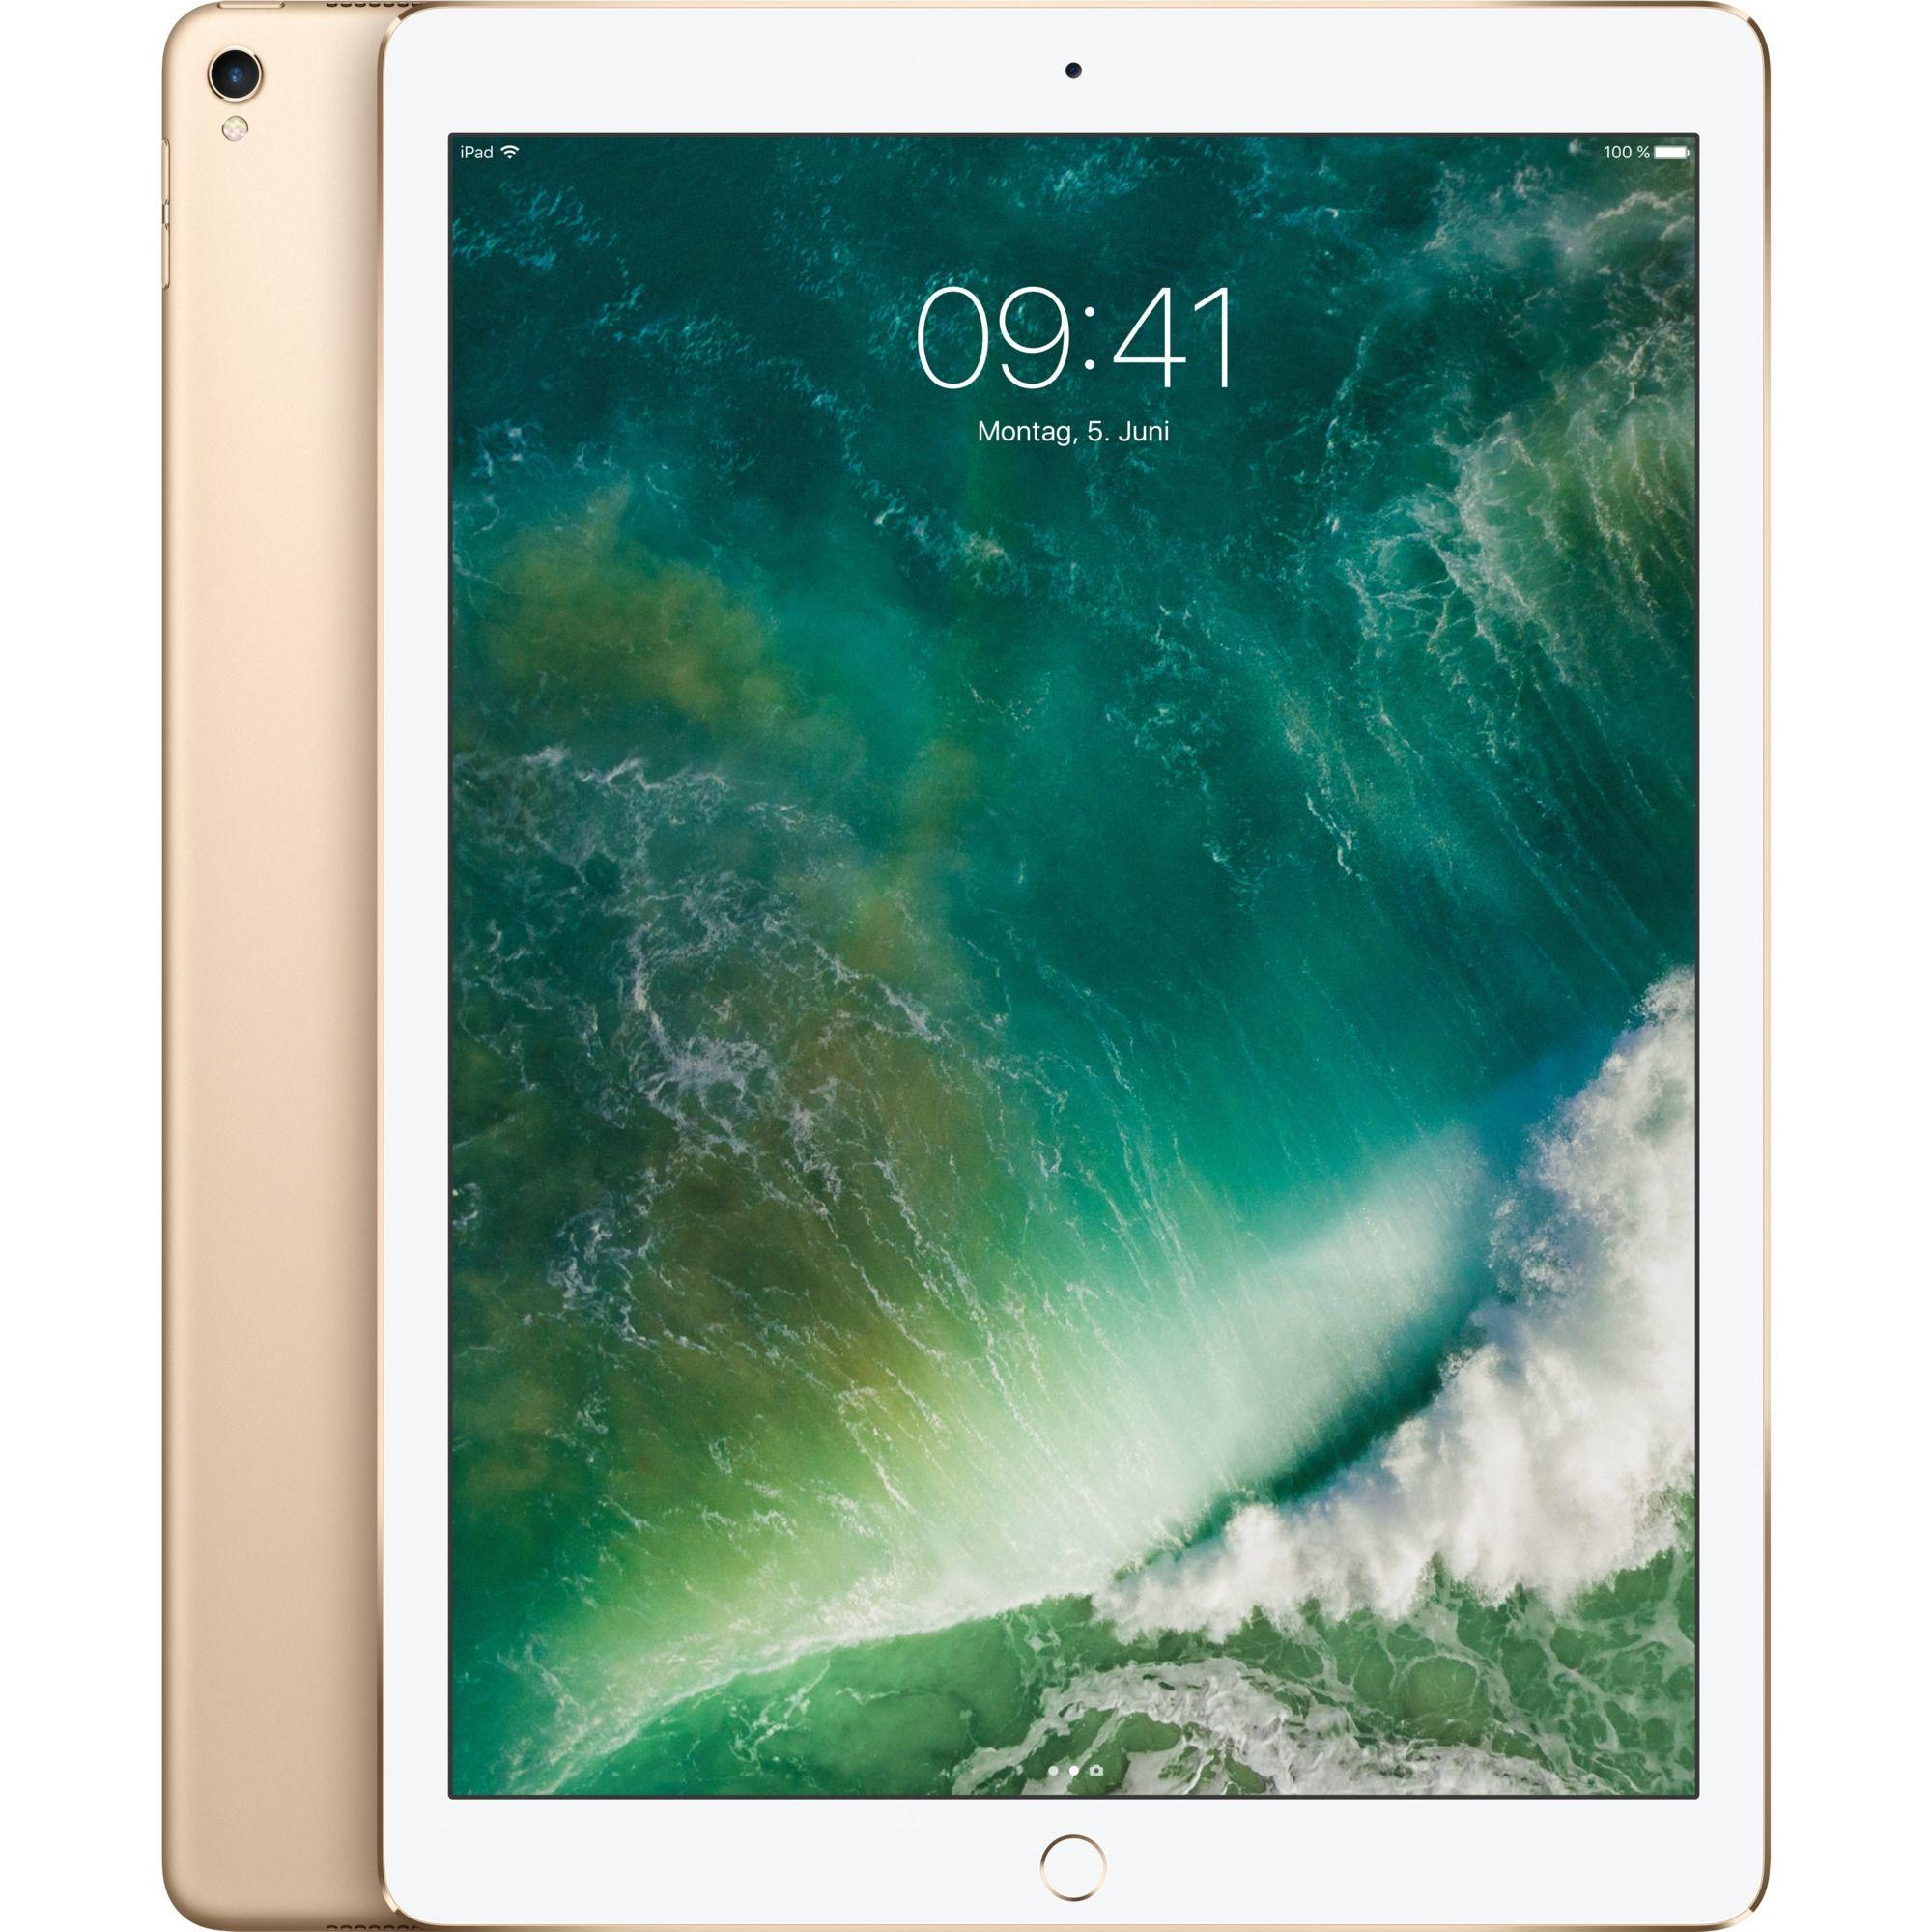 Ipad Pro, Tablette Pc | Ipad Pro Apple, Ipad Et Ipad Pro pour Jeux Pour Tablette Gratuit